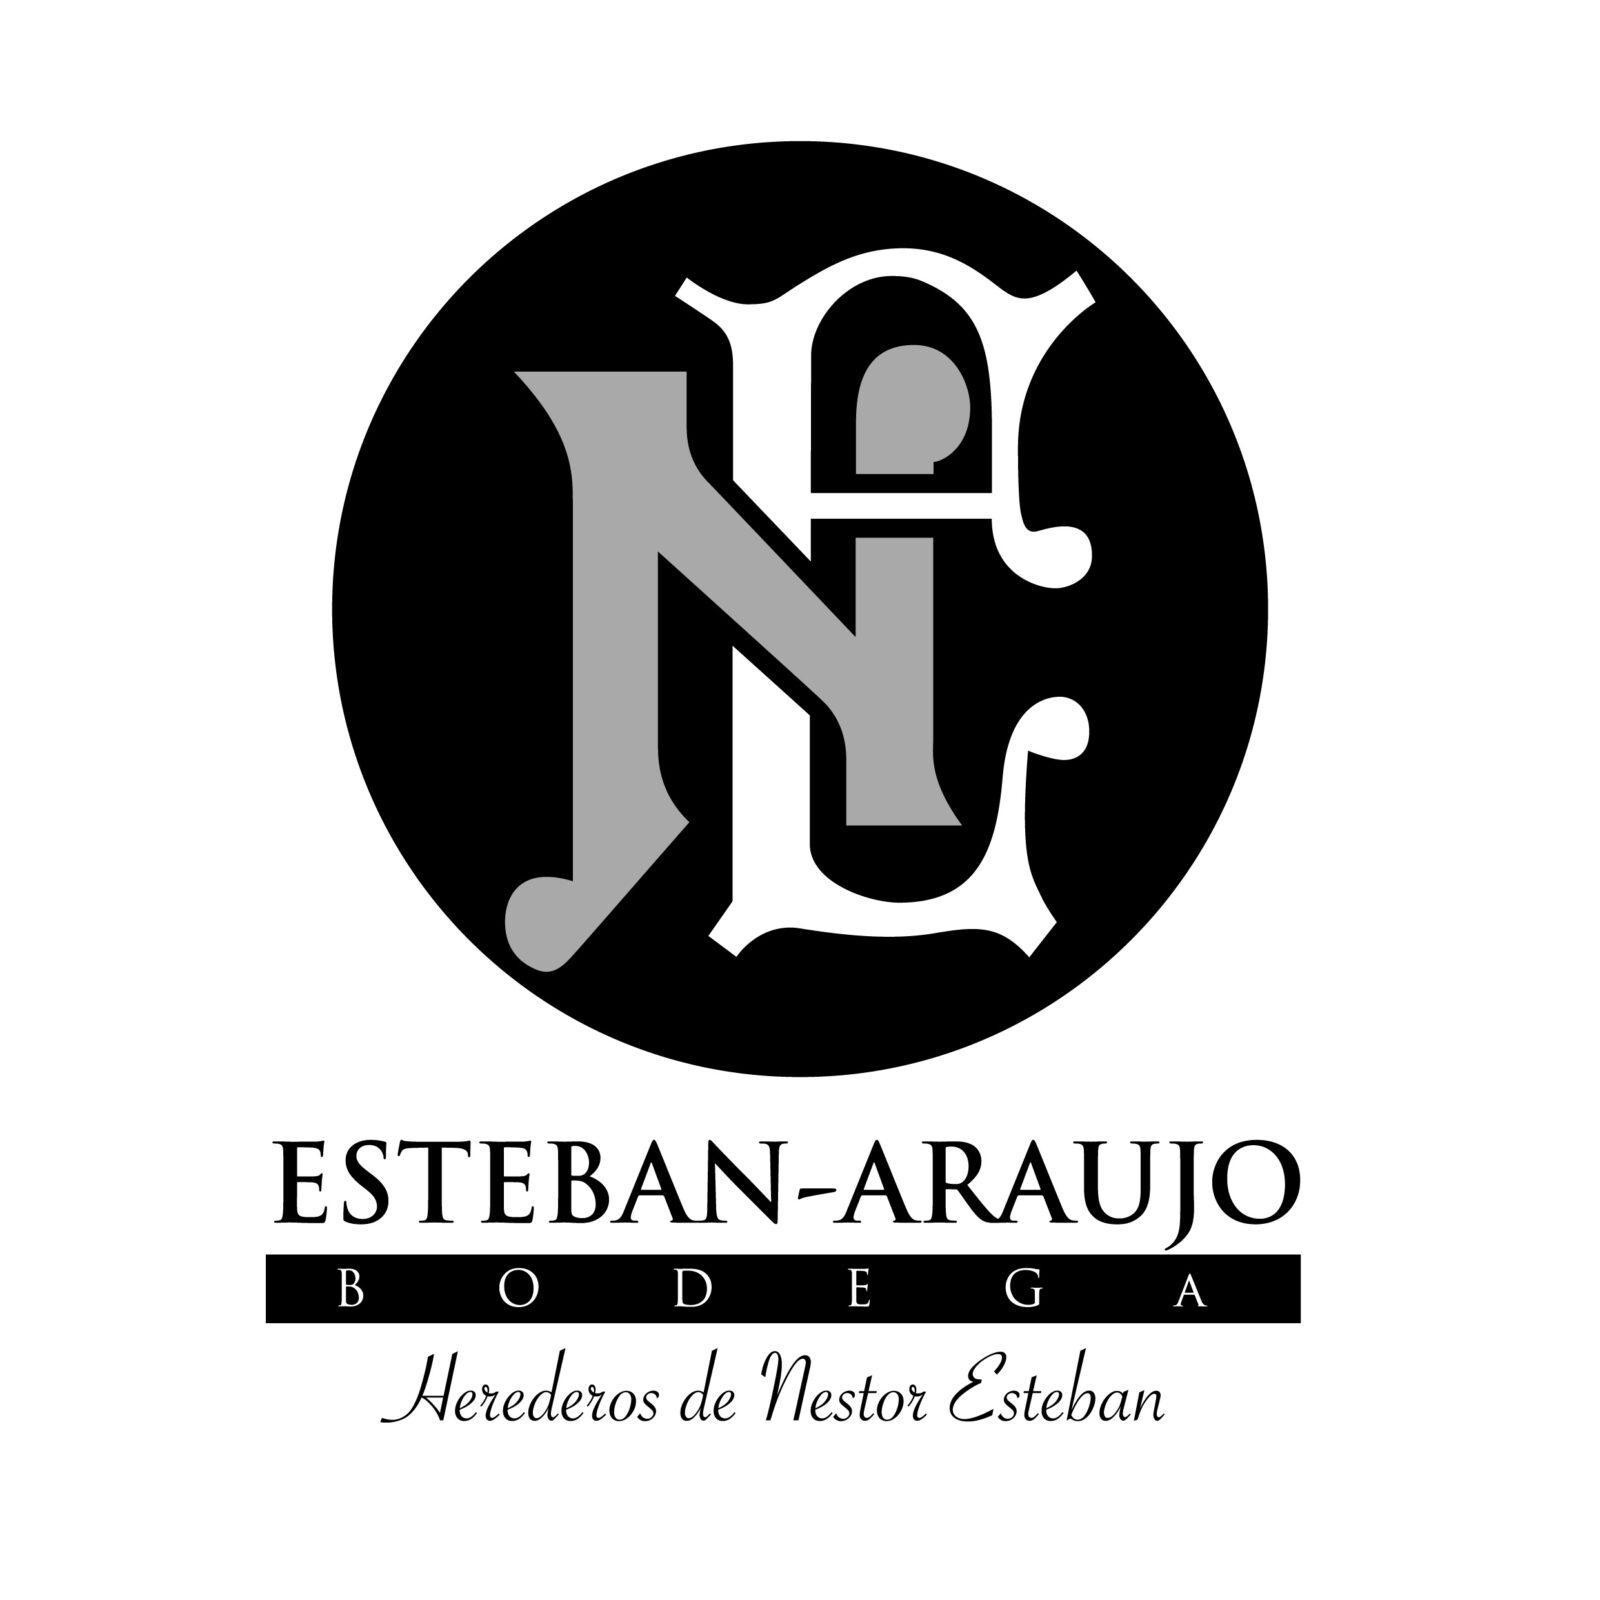 Bodega y Destileria Esteban Araujo